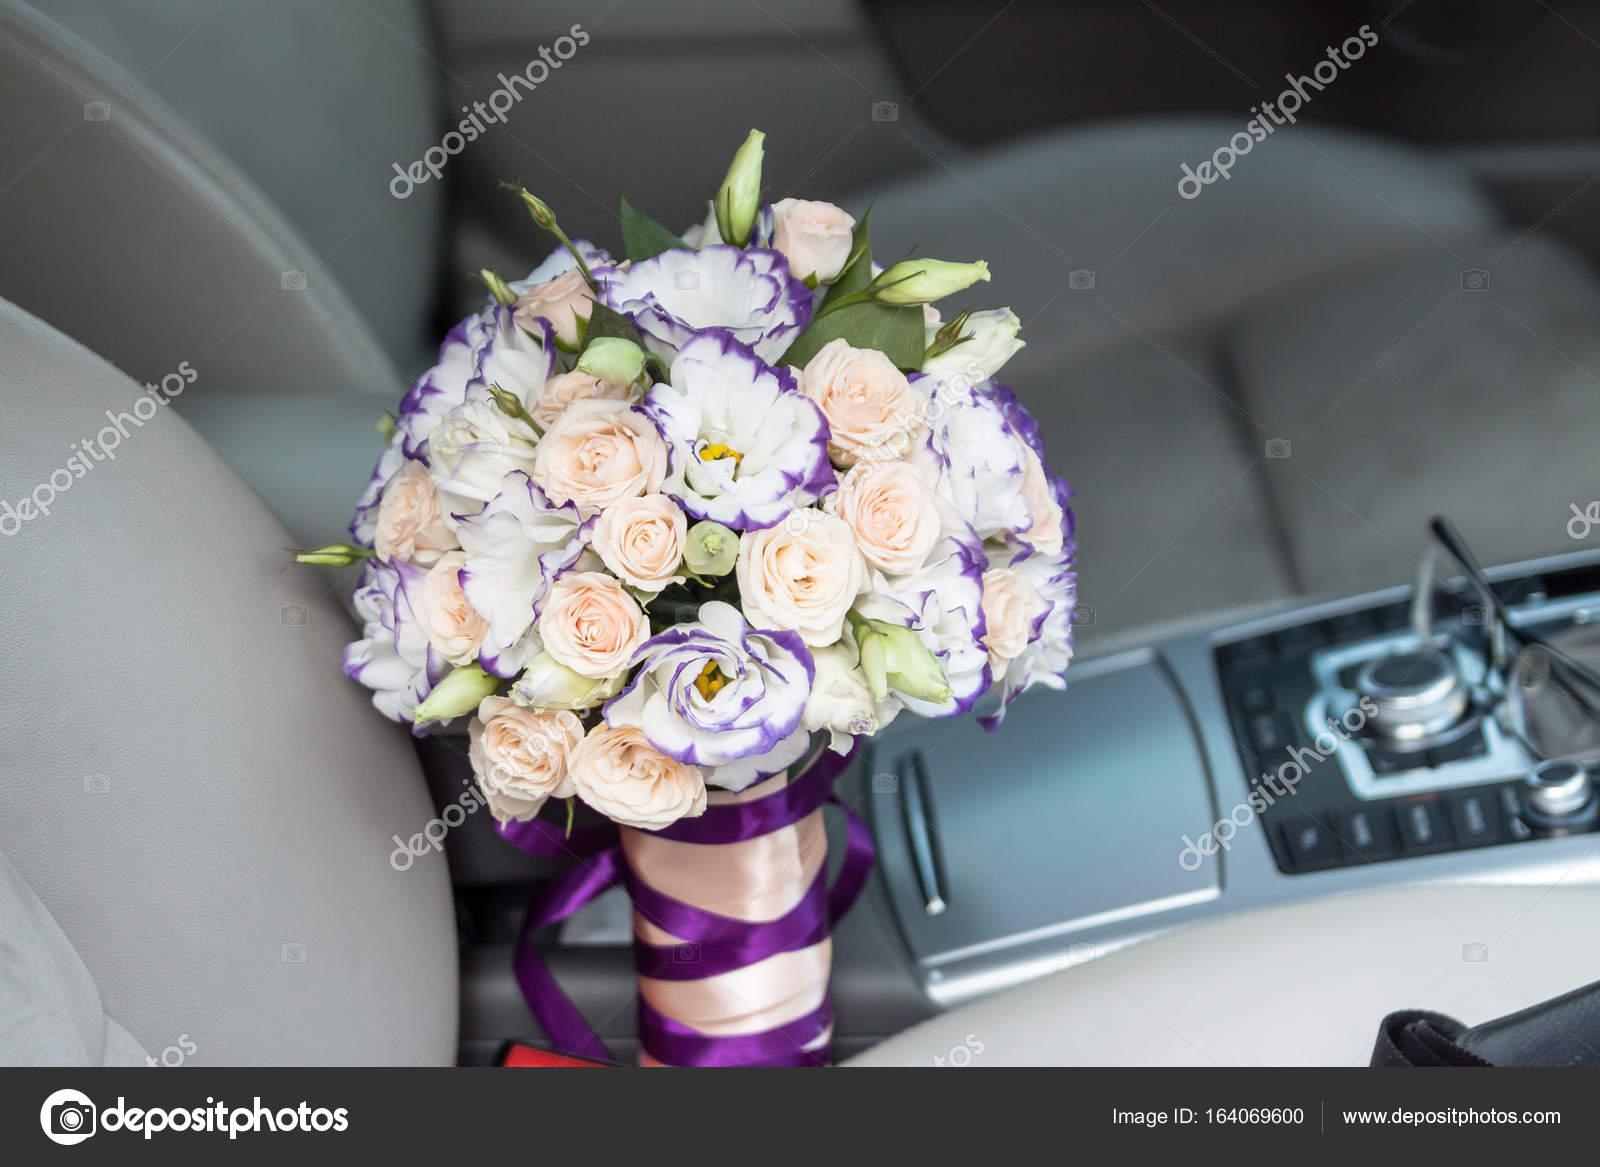 Hochzeitsstrauss Im Auto Stockfoto C Alex Ishchenko 164069600